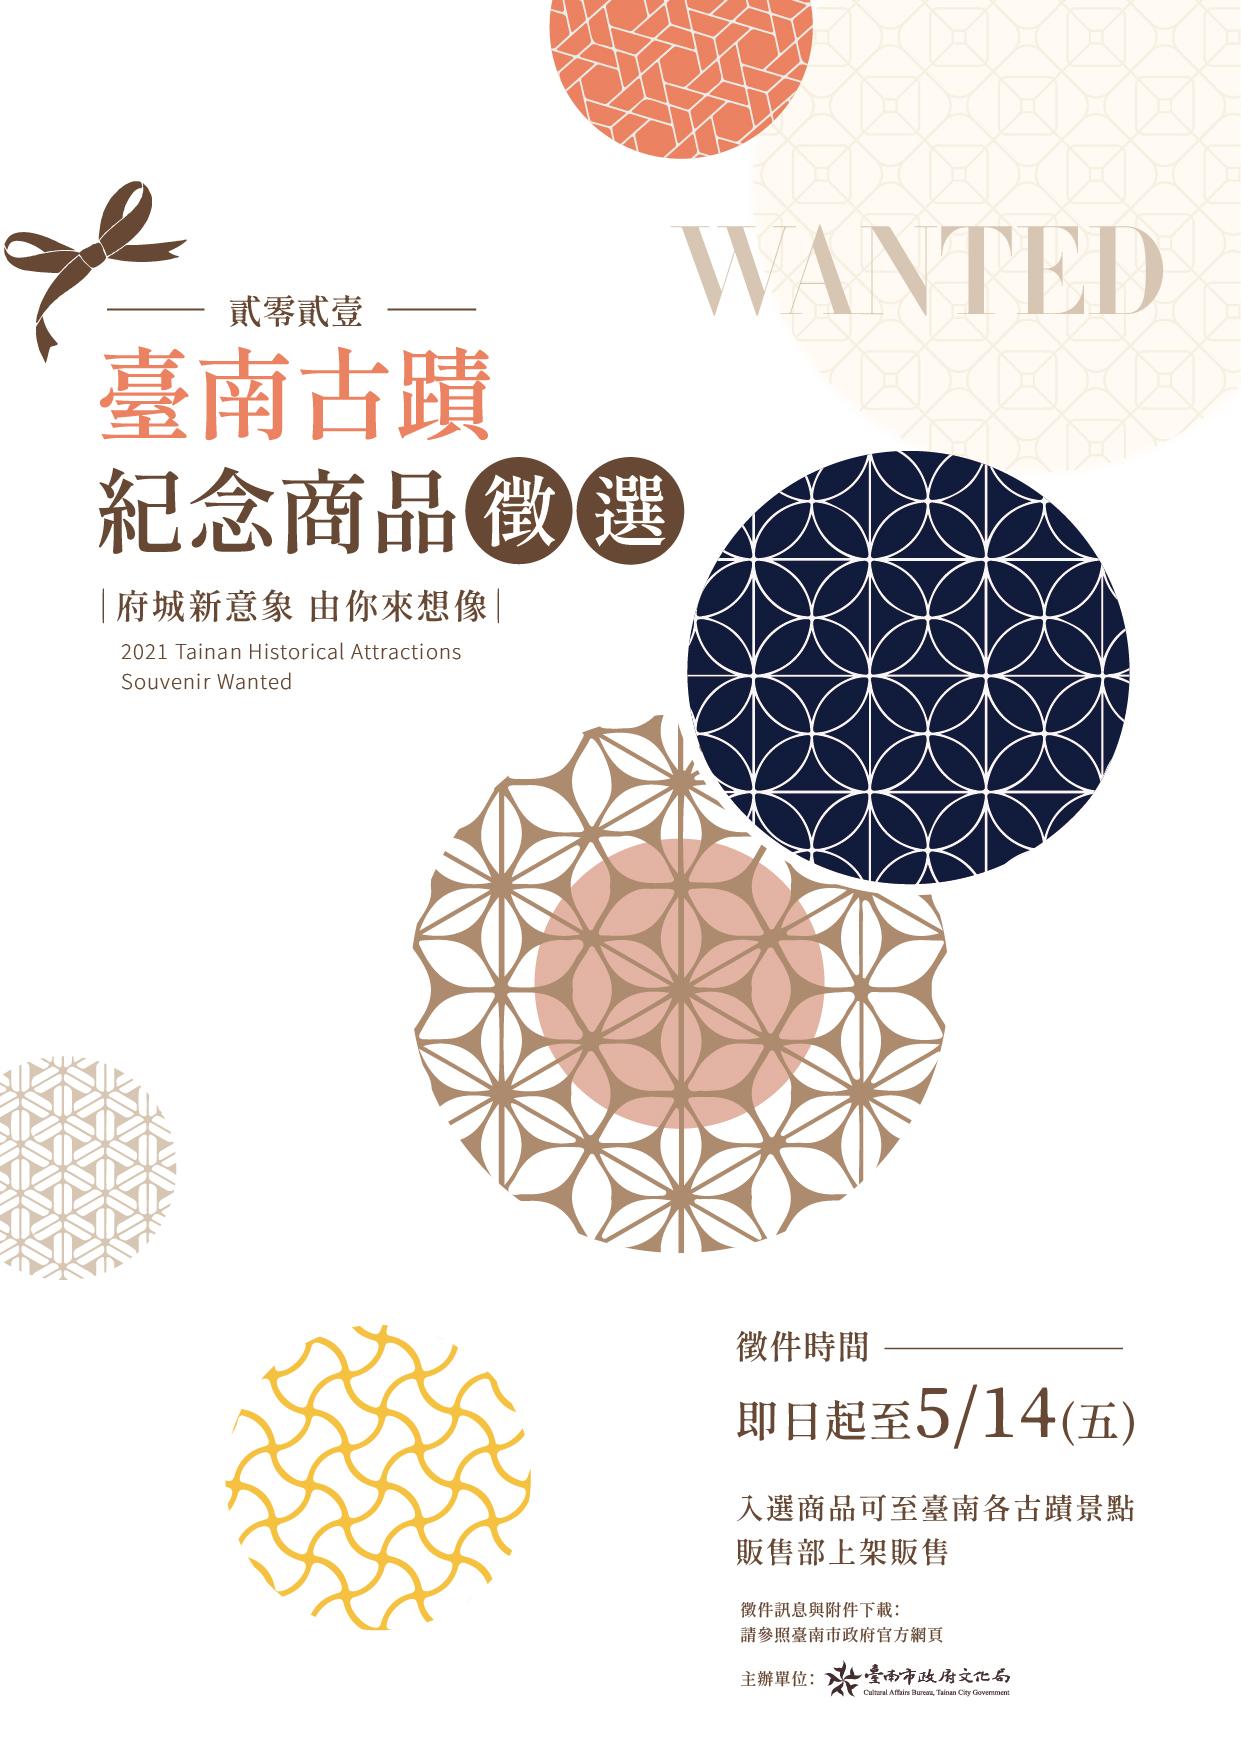 《110年臺南古蹟紀念商品徵選》熱烈徵件中